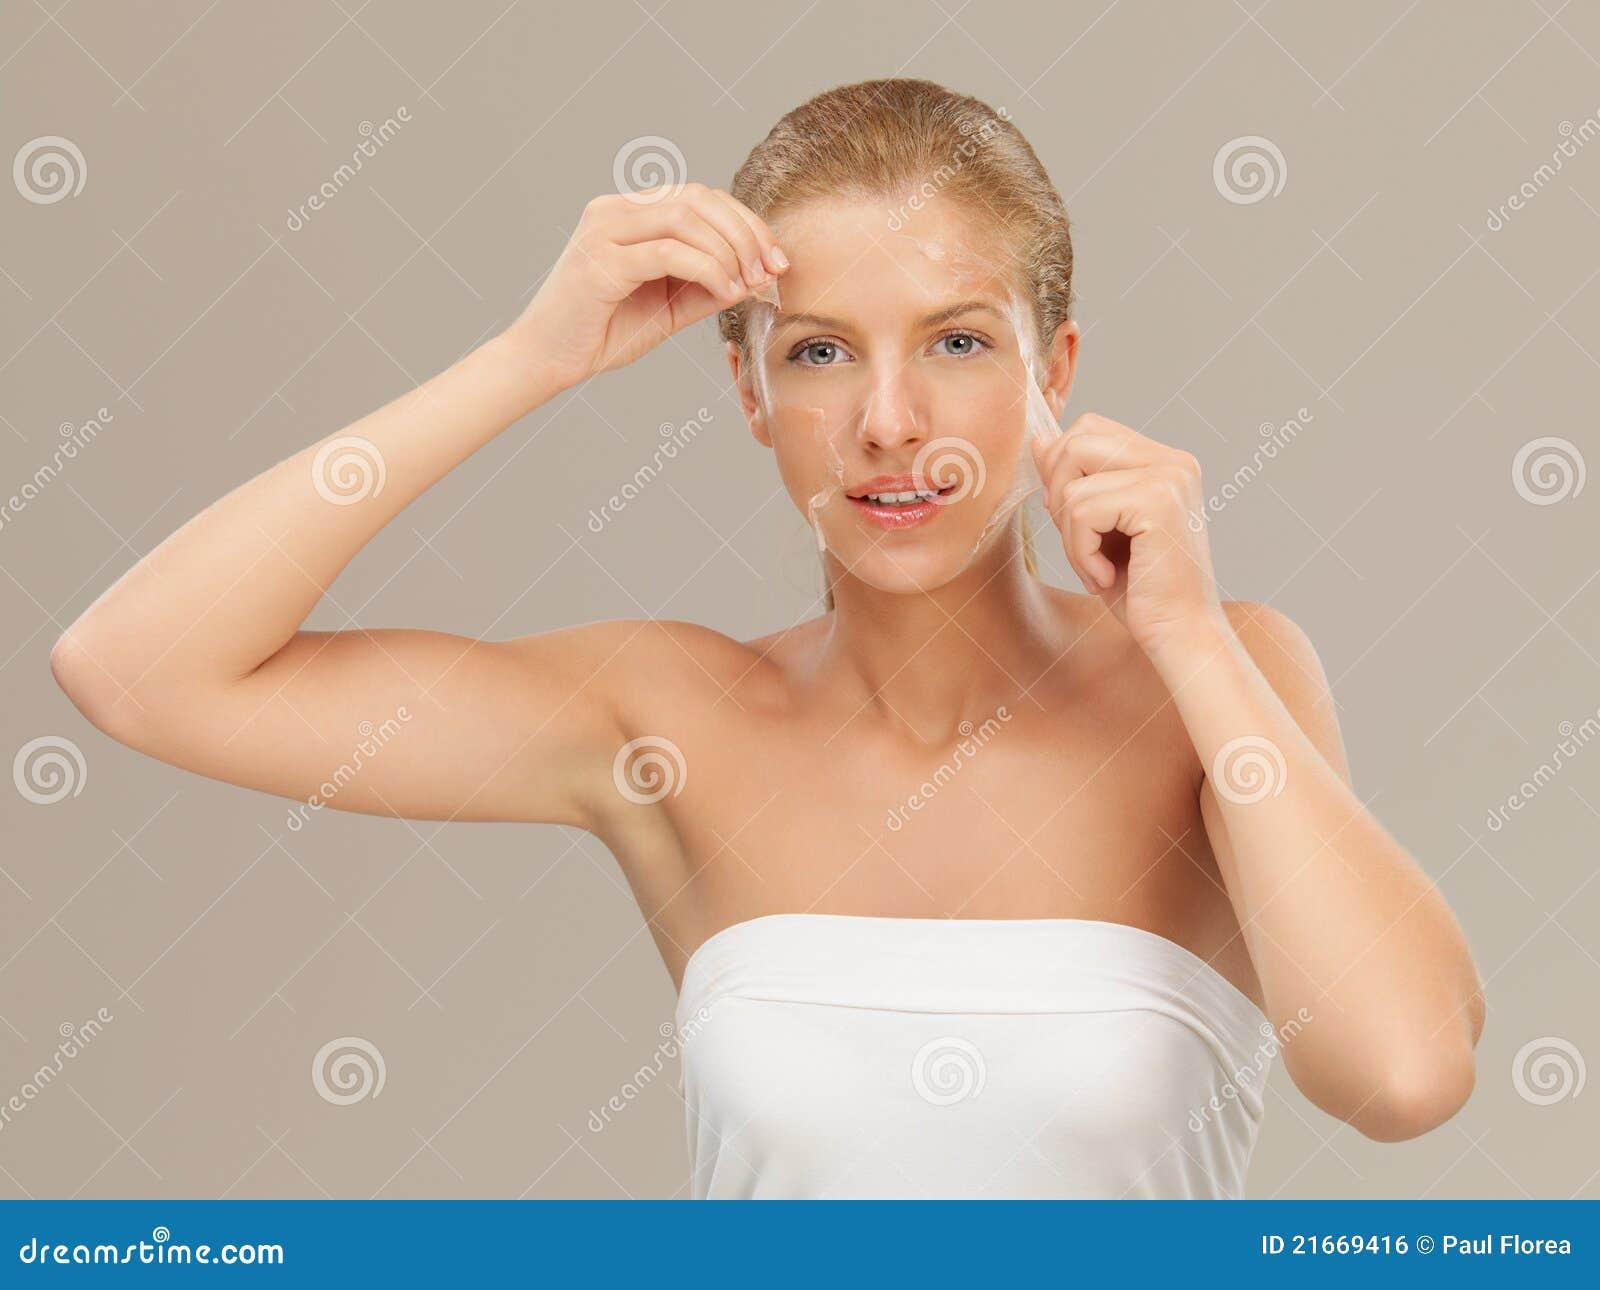 Junge Frau, die weg einem Gesichtsschablonenlächeln abzieht